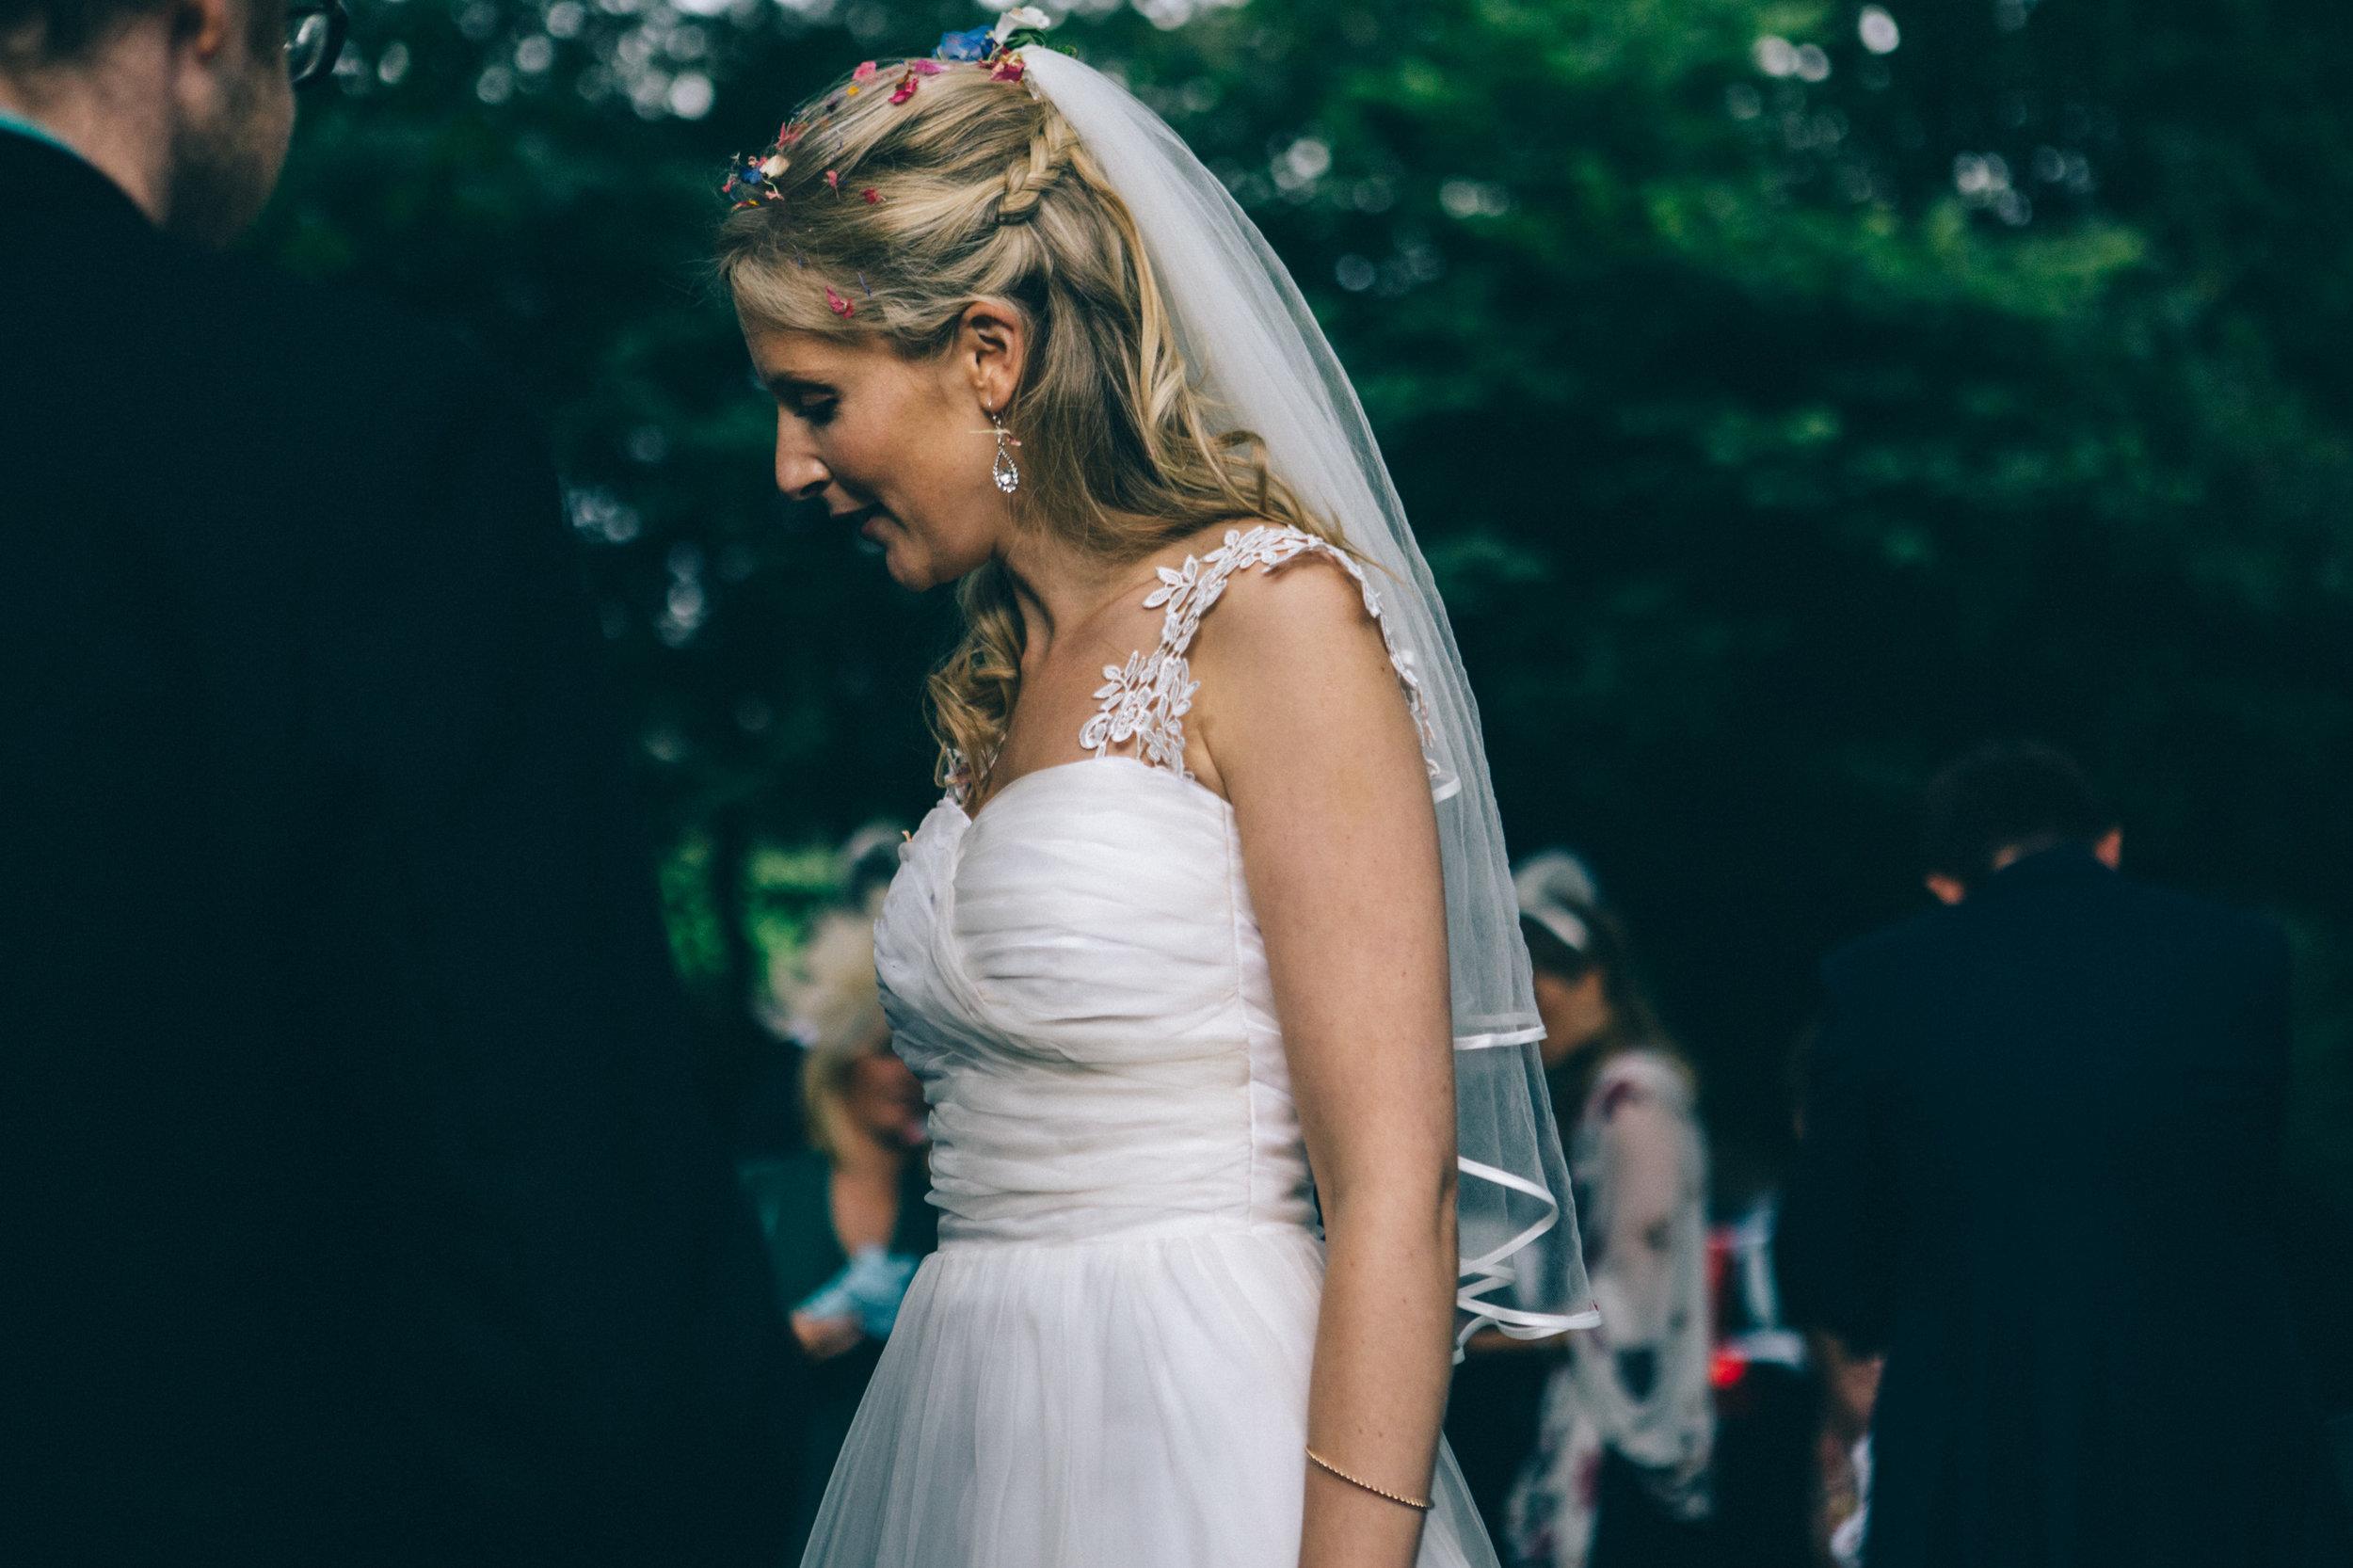 uk wedding photographer artistic wedding photography-82.jpg